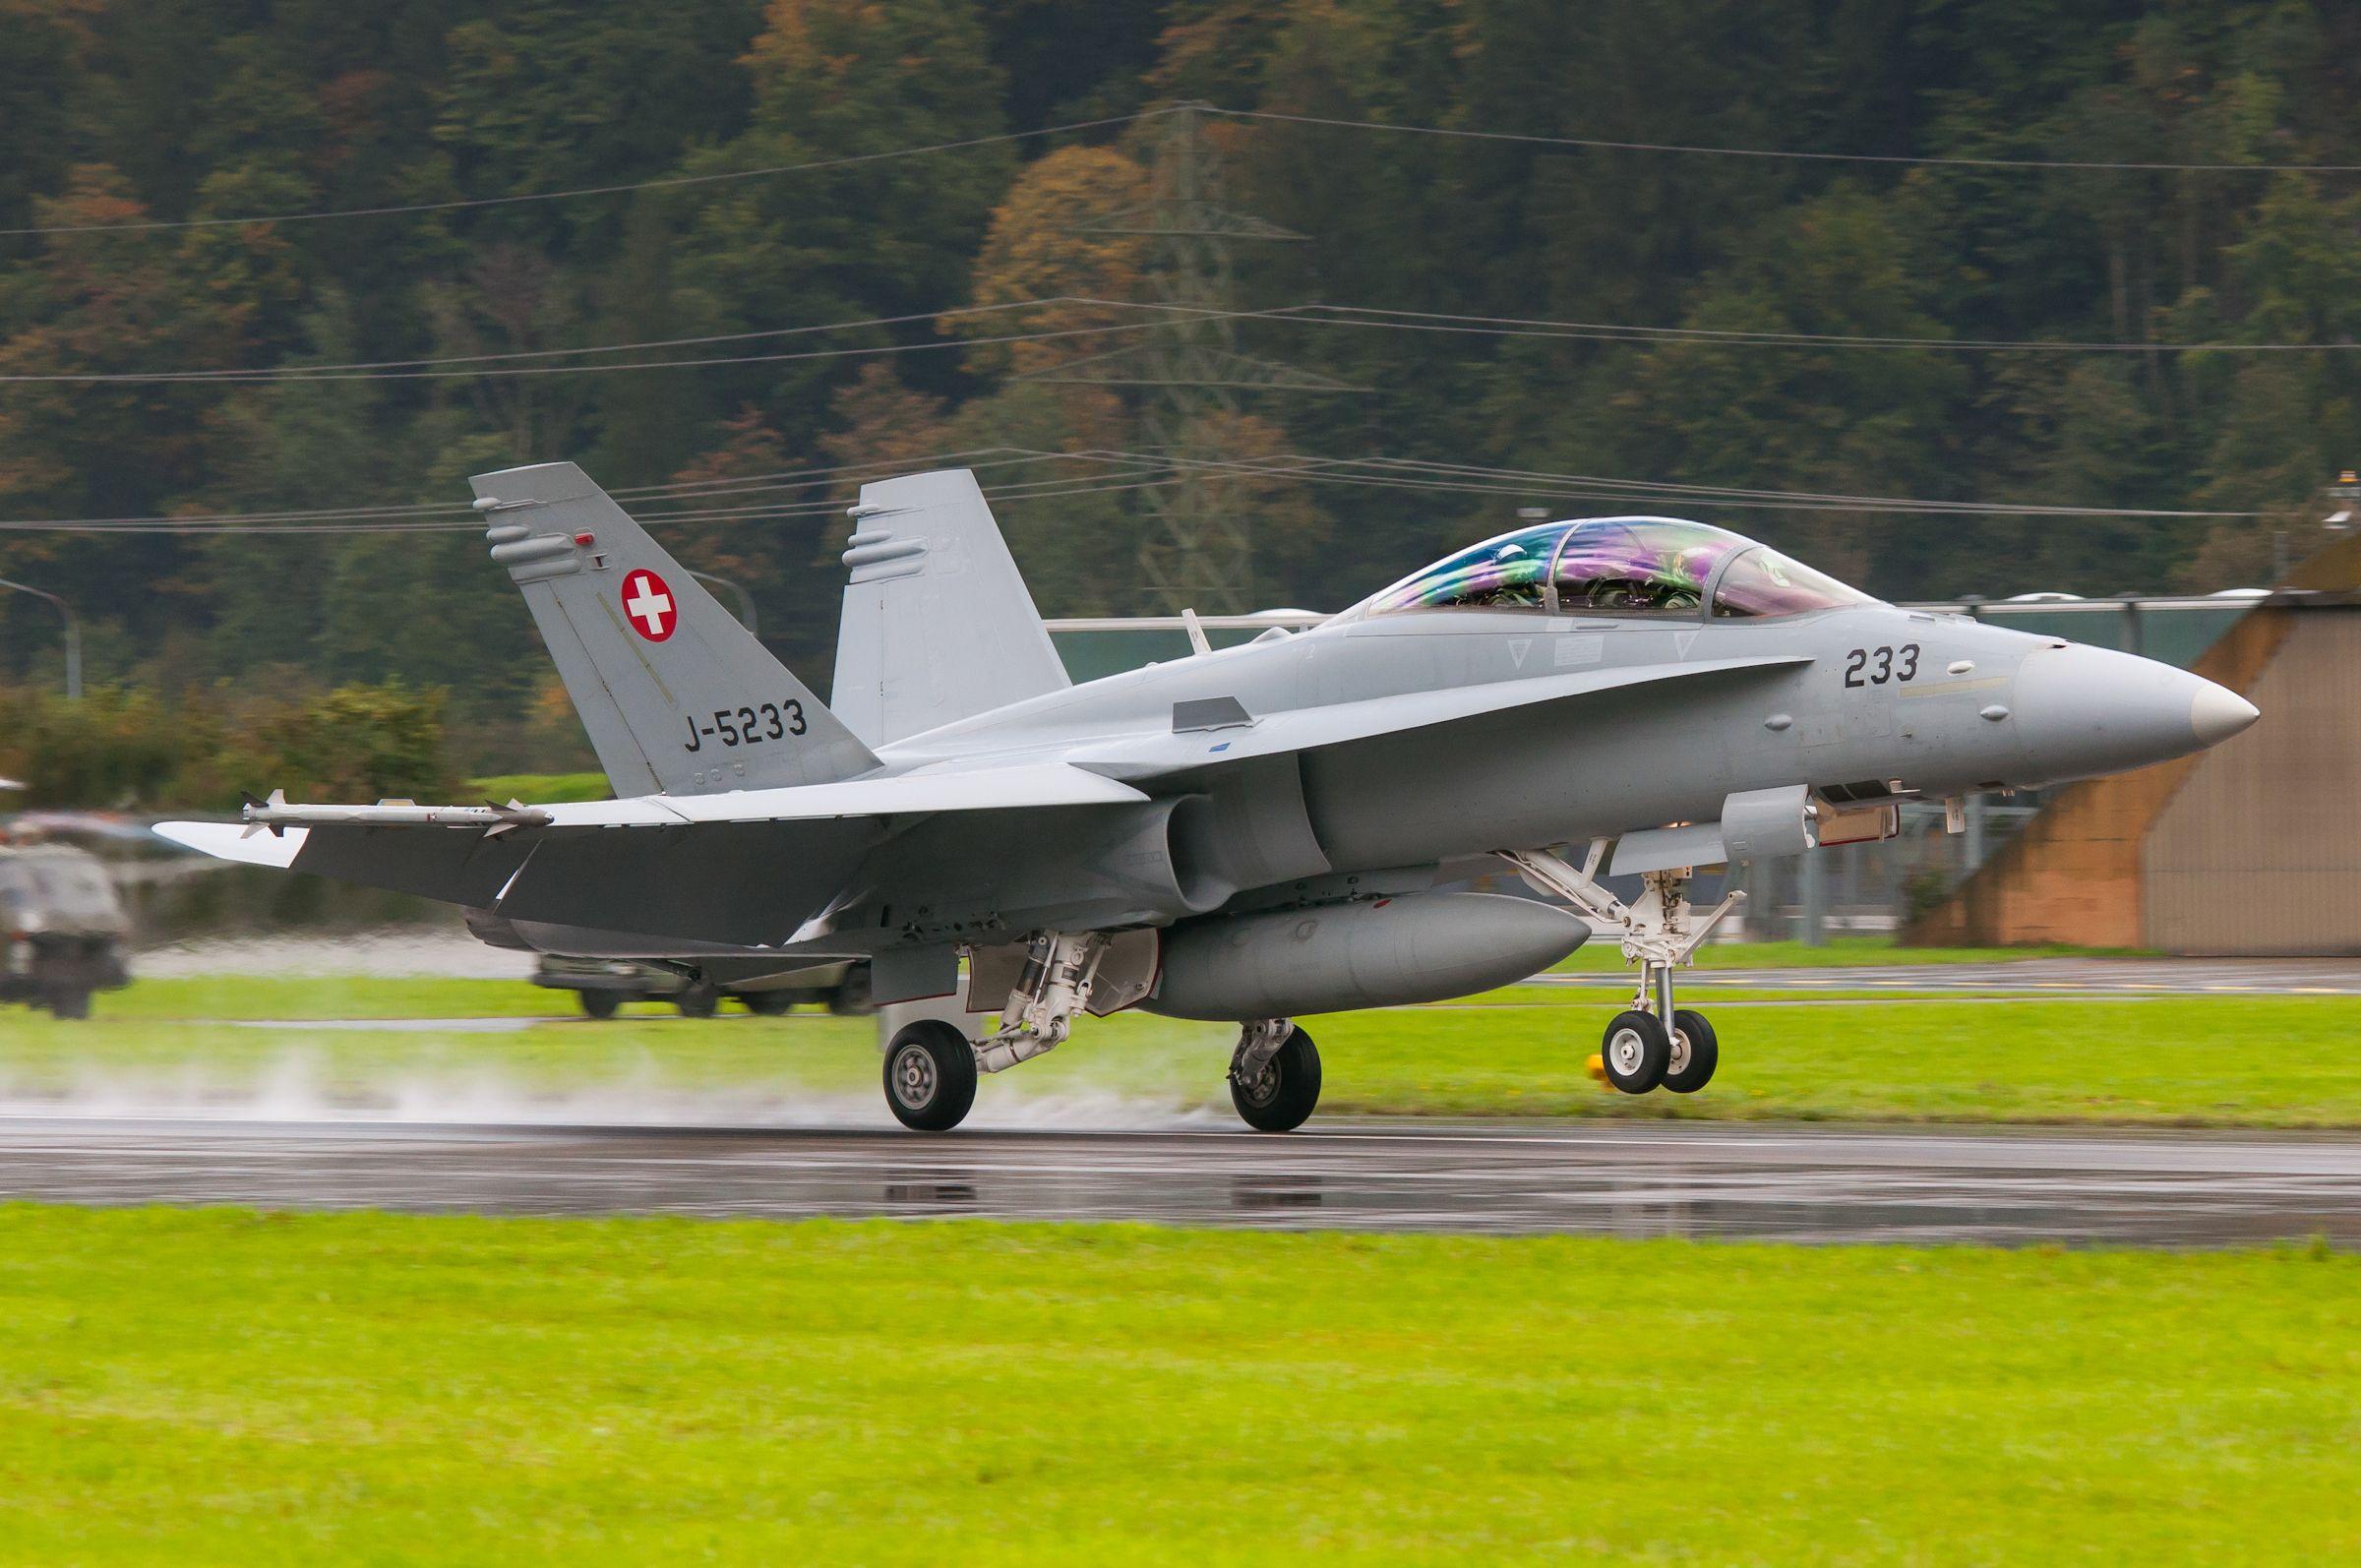 Air force live fire event Axalp 2012 - 10-11 Oct 2012 - Pagina 2 000146m